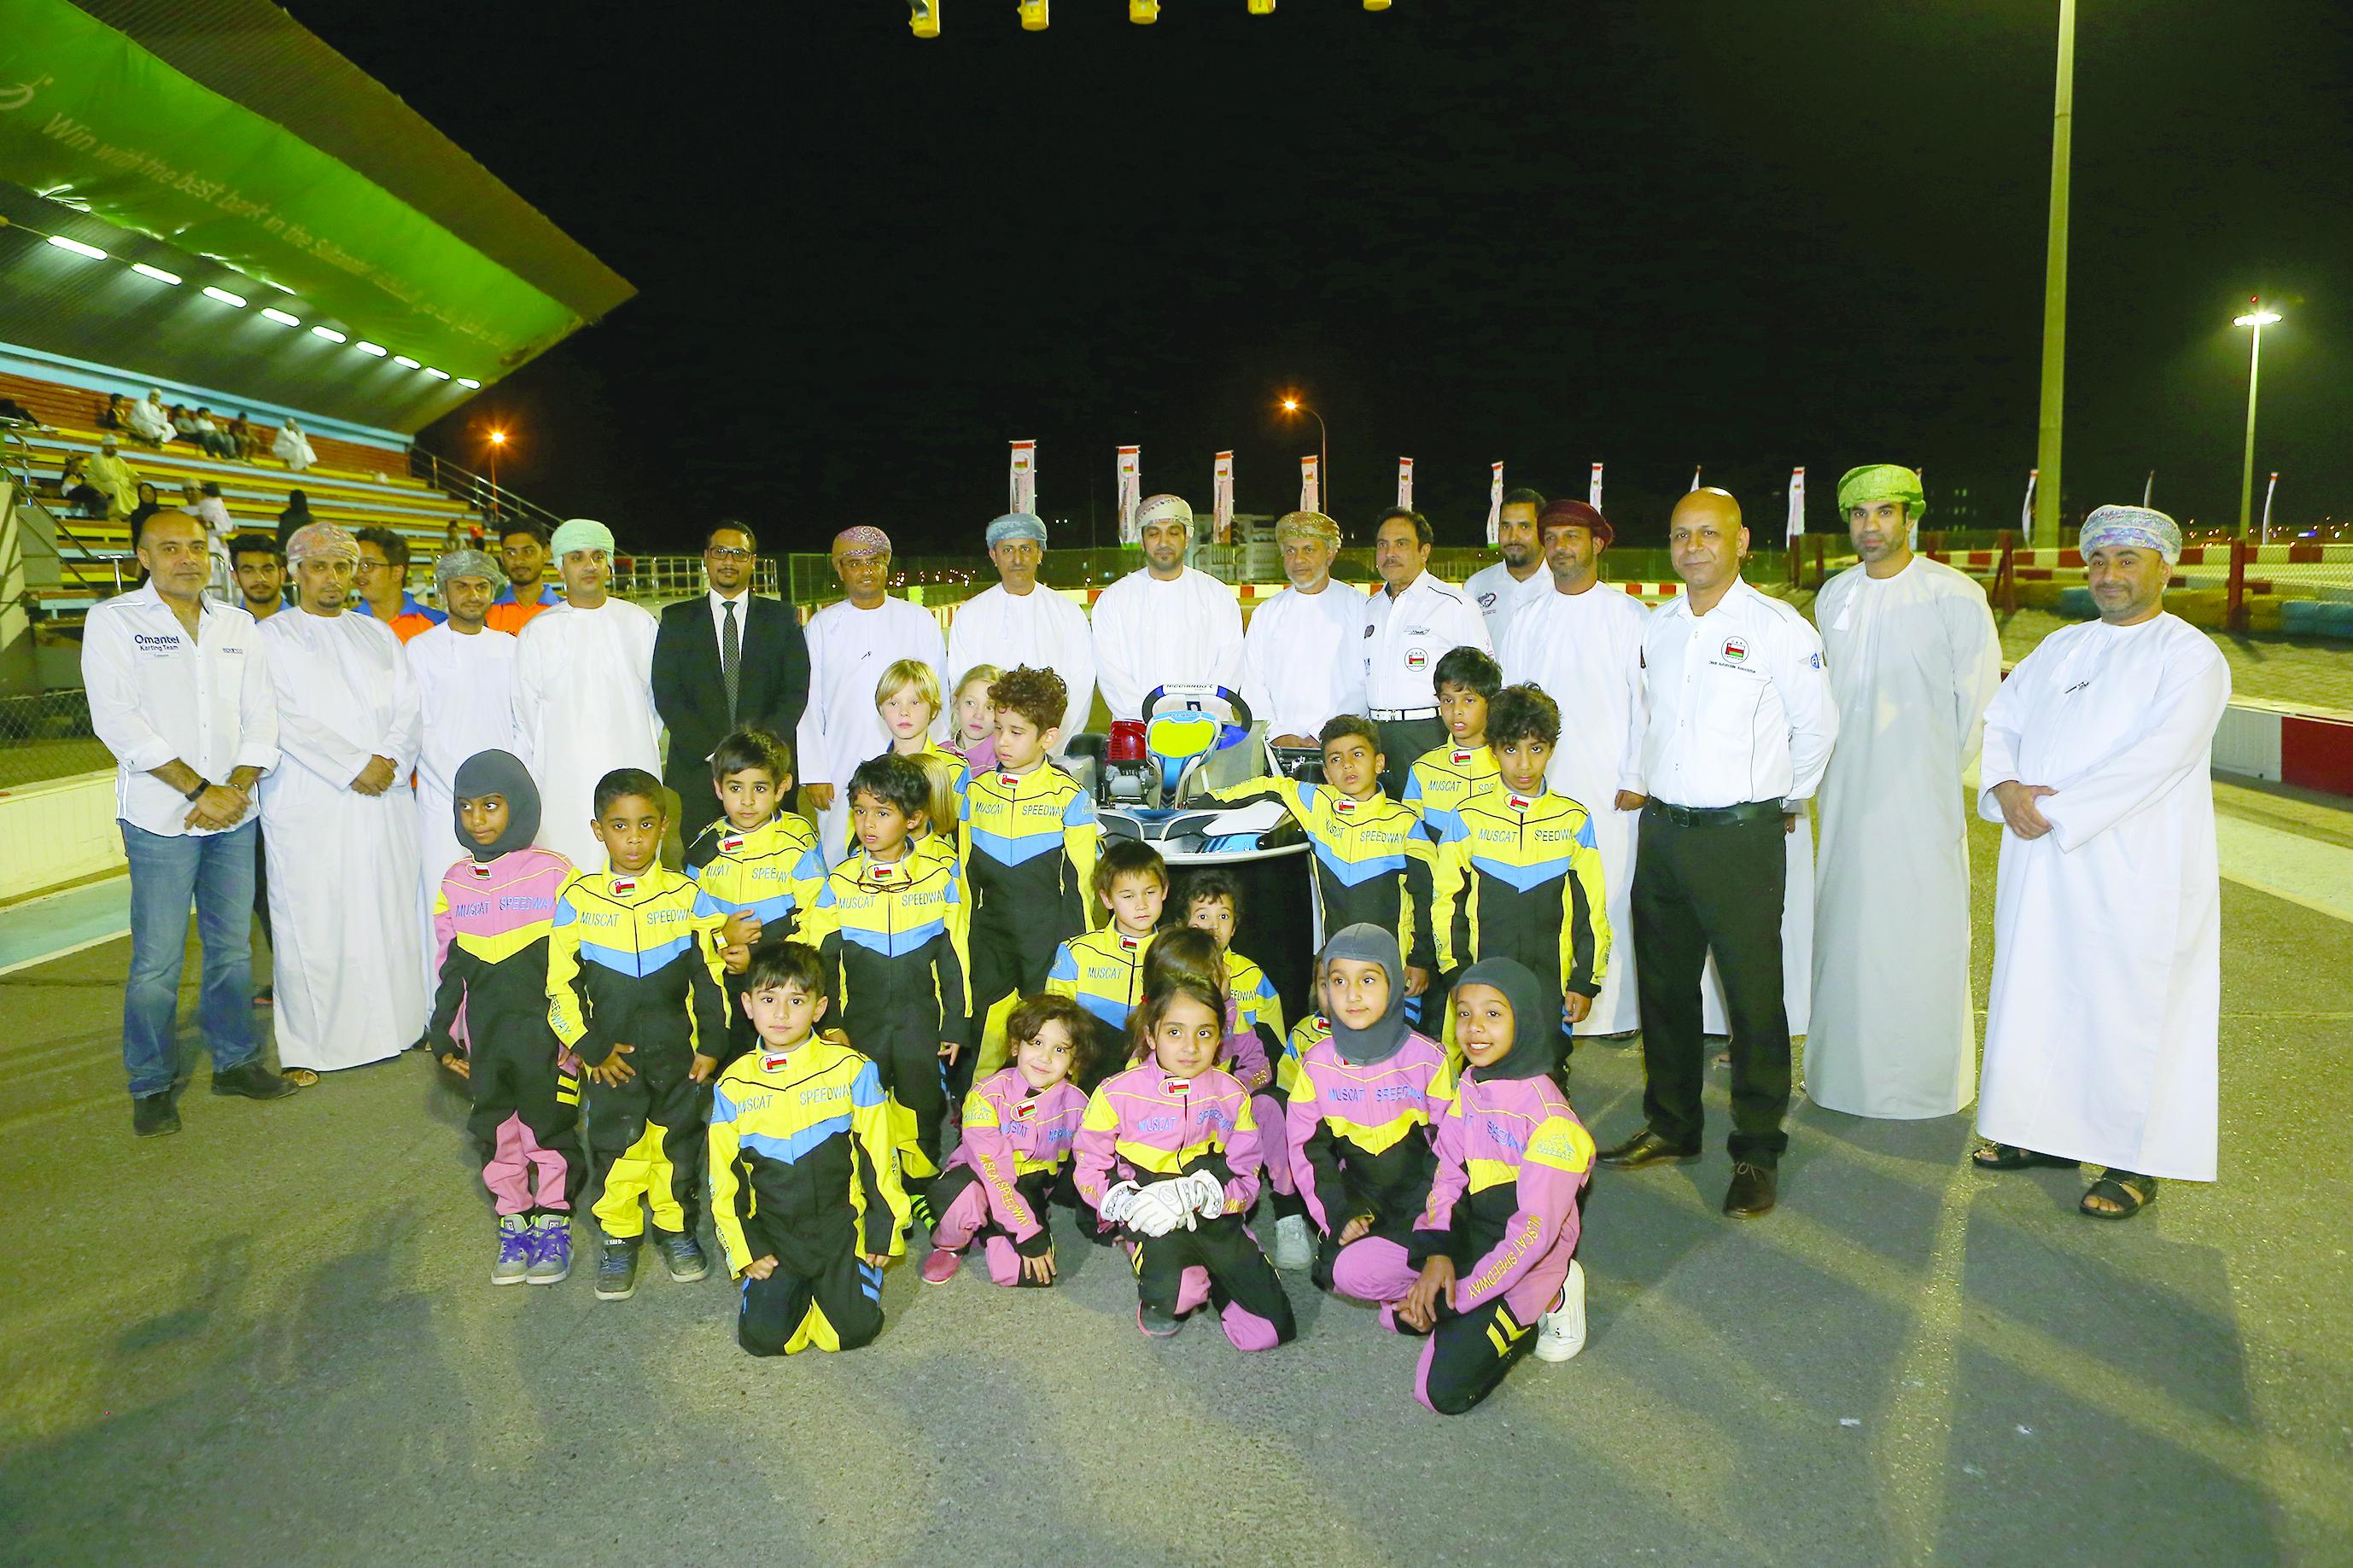 تدشين سيارات «بيبي كارت»الأولى من نوعها في منطقة الخليج العربي